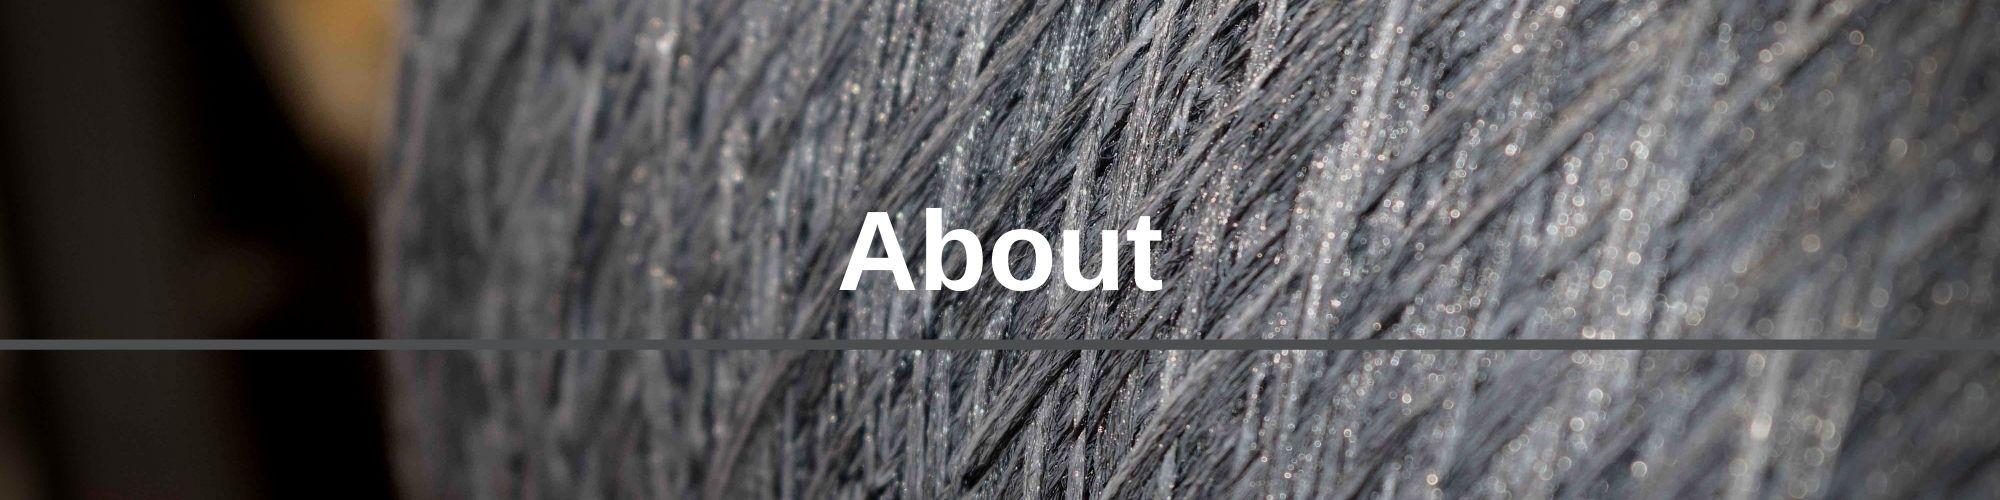 About | Paragon Carpet Tiles | Commercial Carpet Tiles